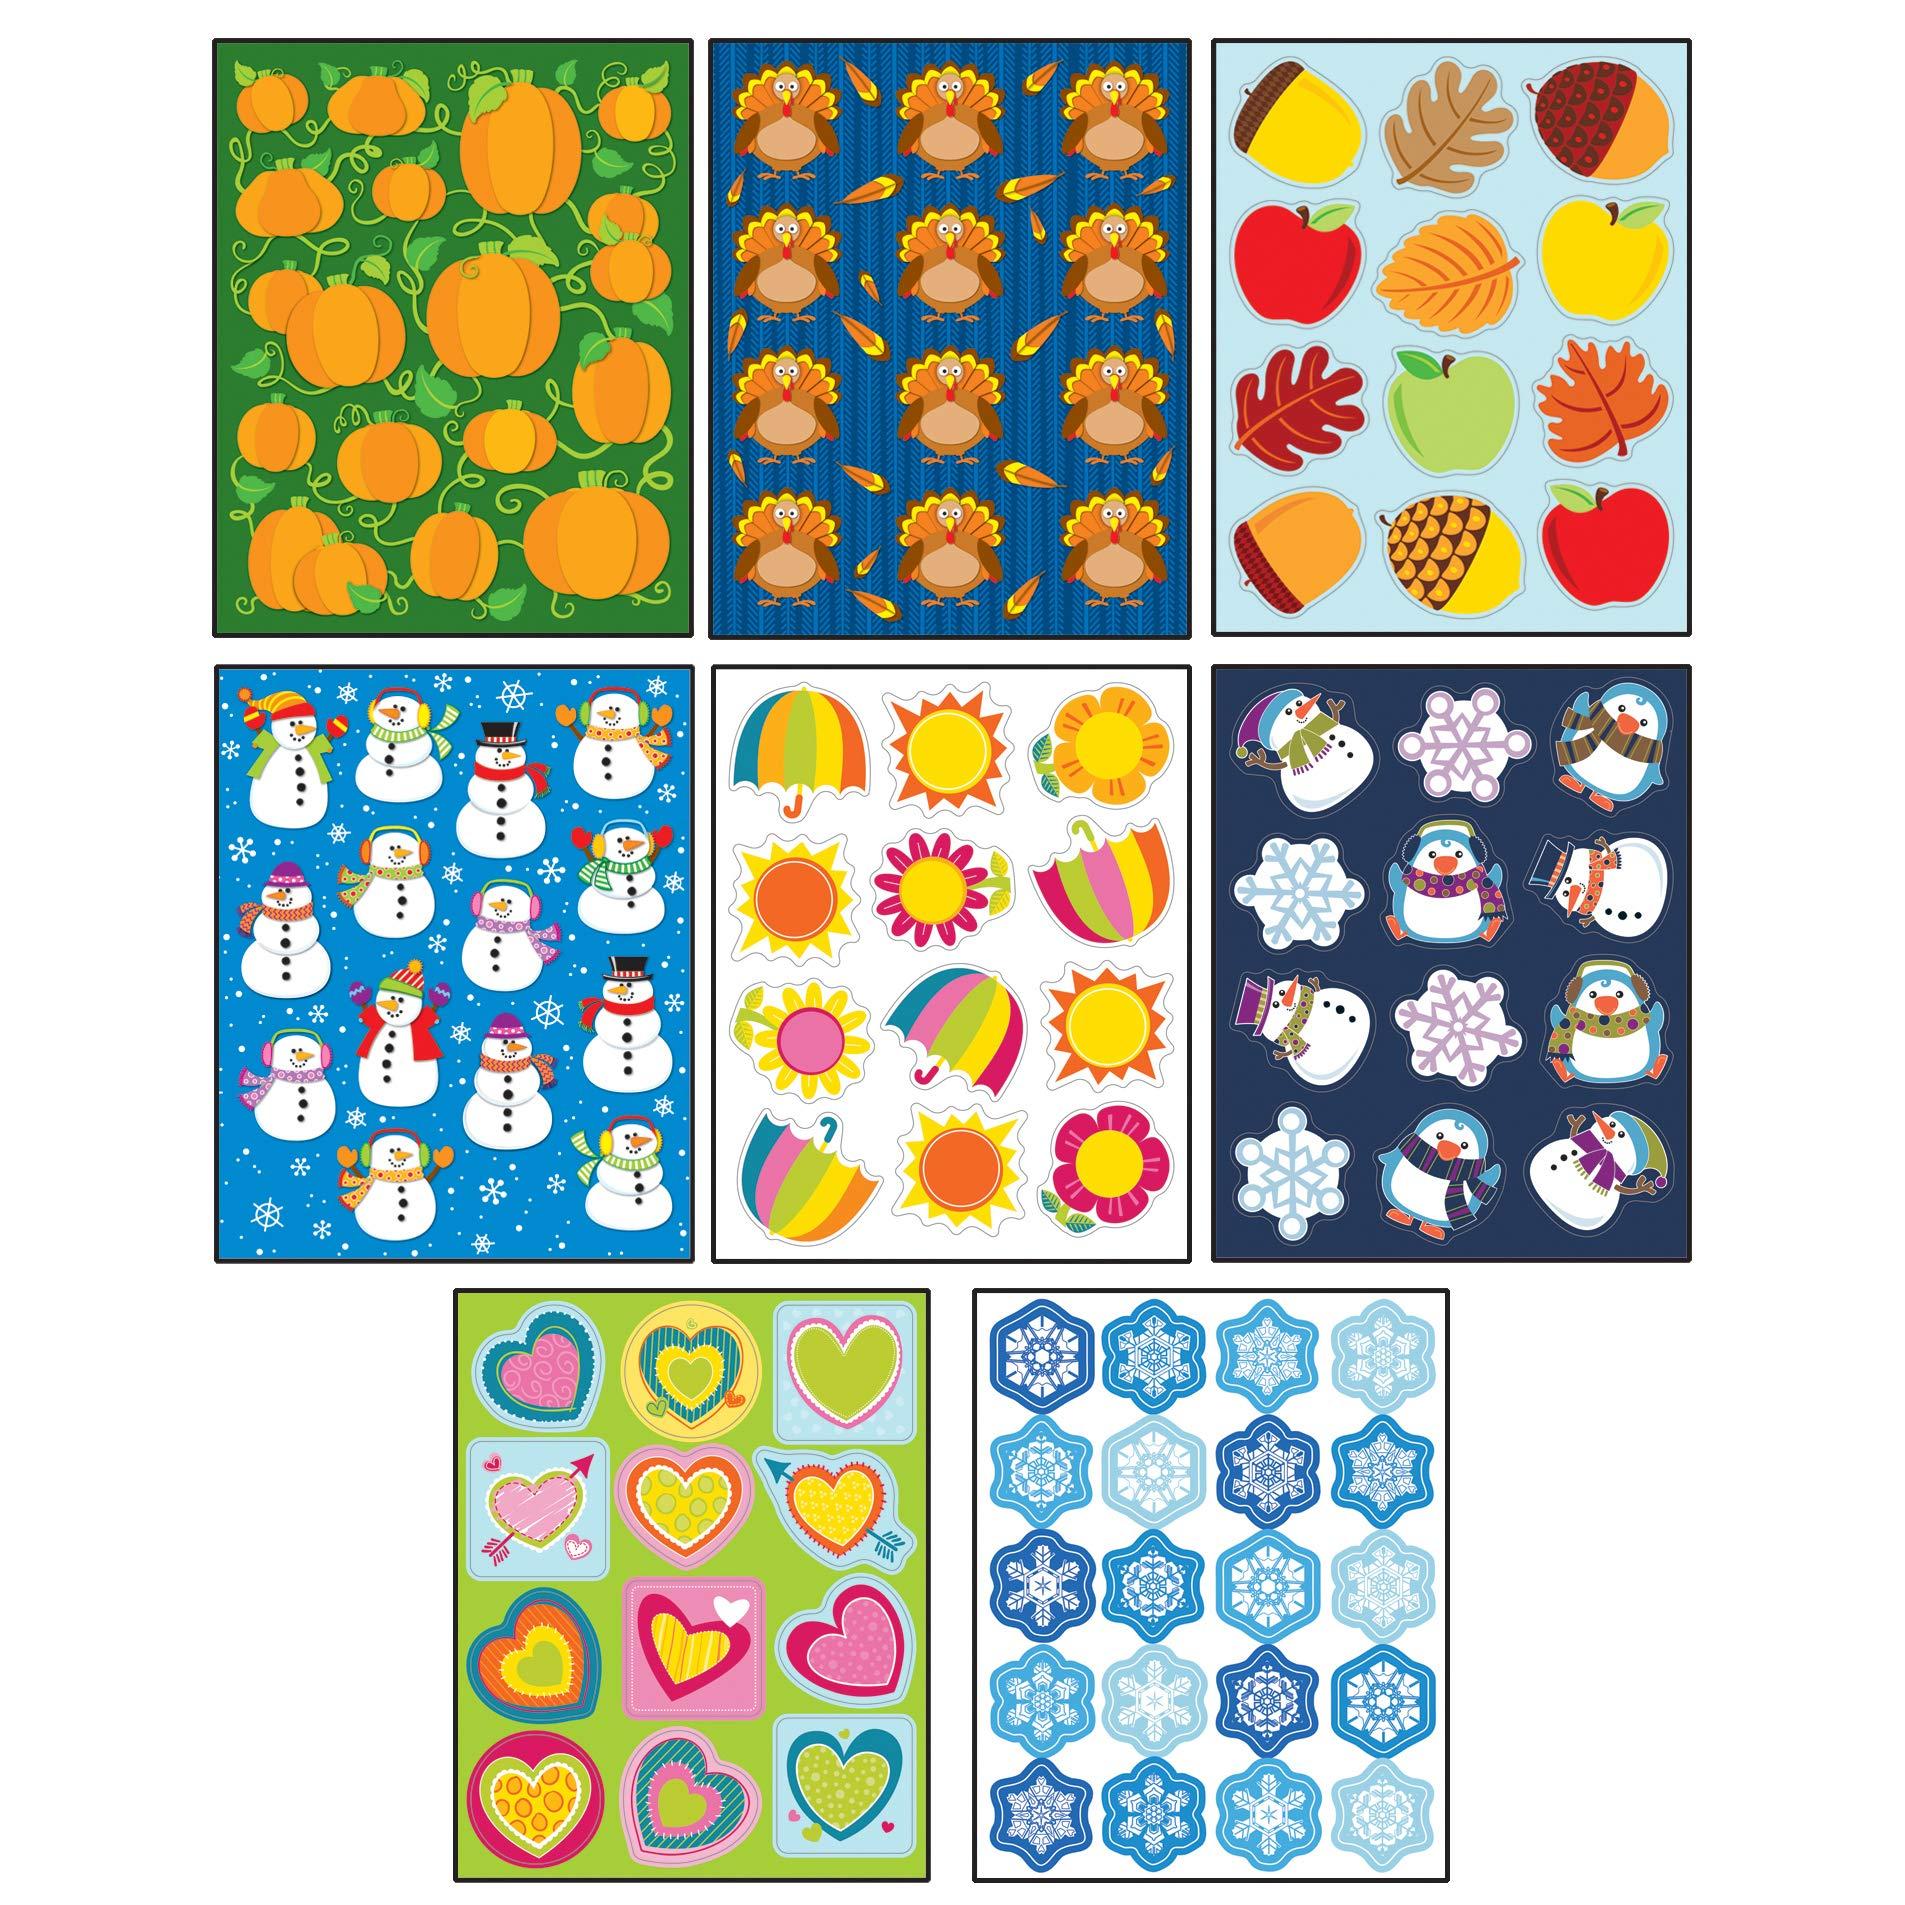 Carson-Dellosa Seasonal Shape Sticker Set by Carson-Dellosa